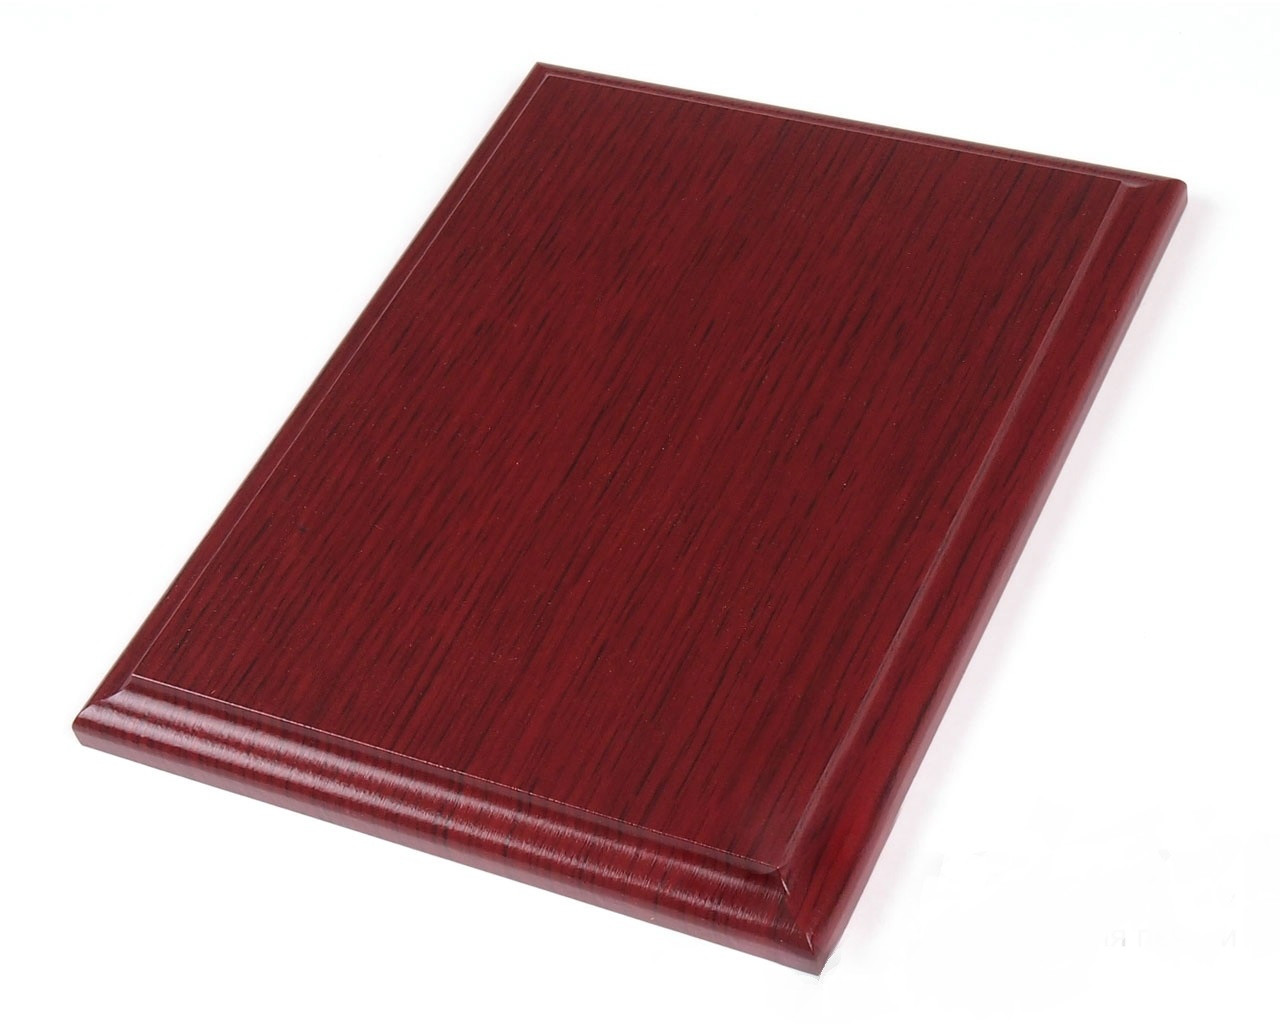 Деревянная основа для плакеток A4